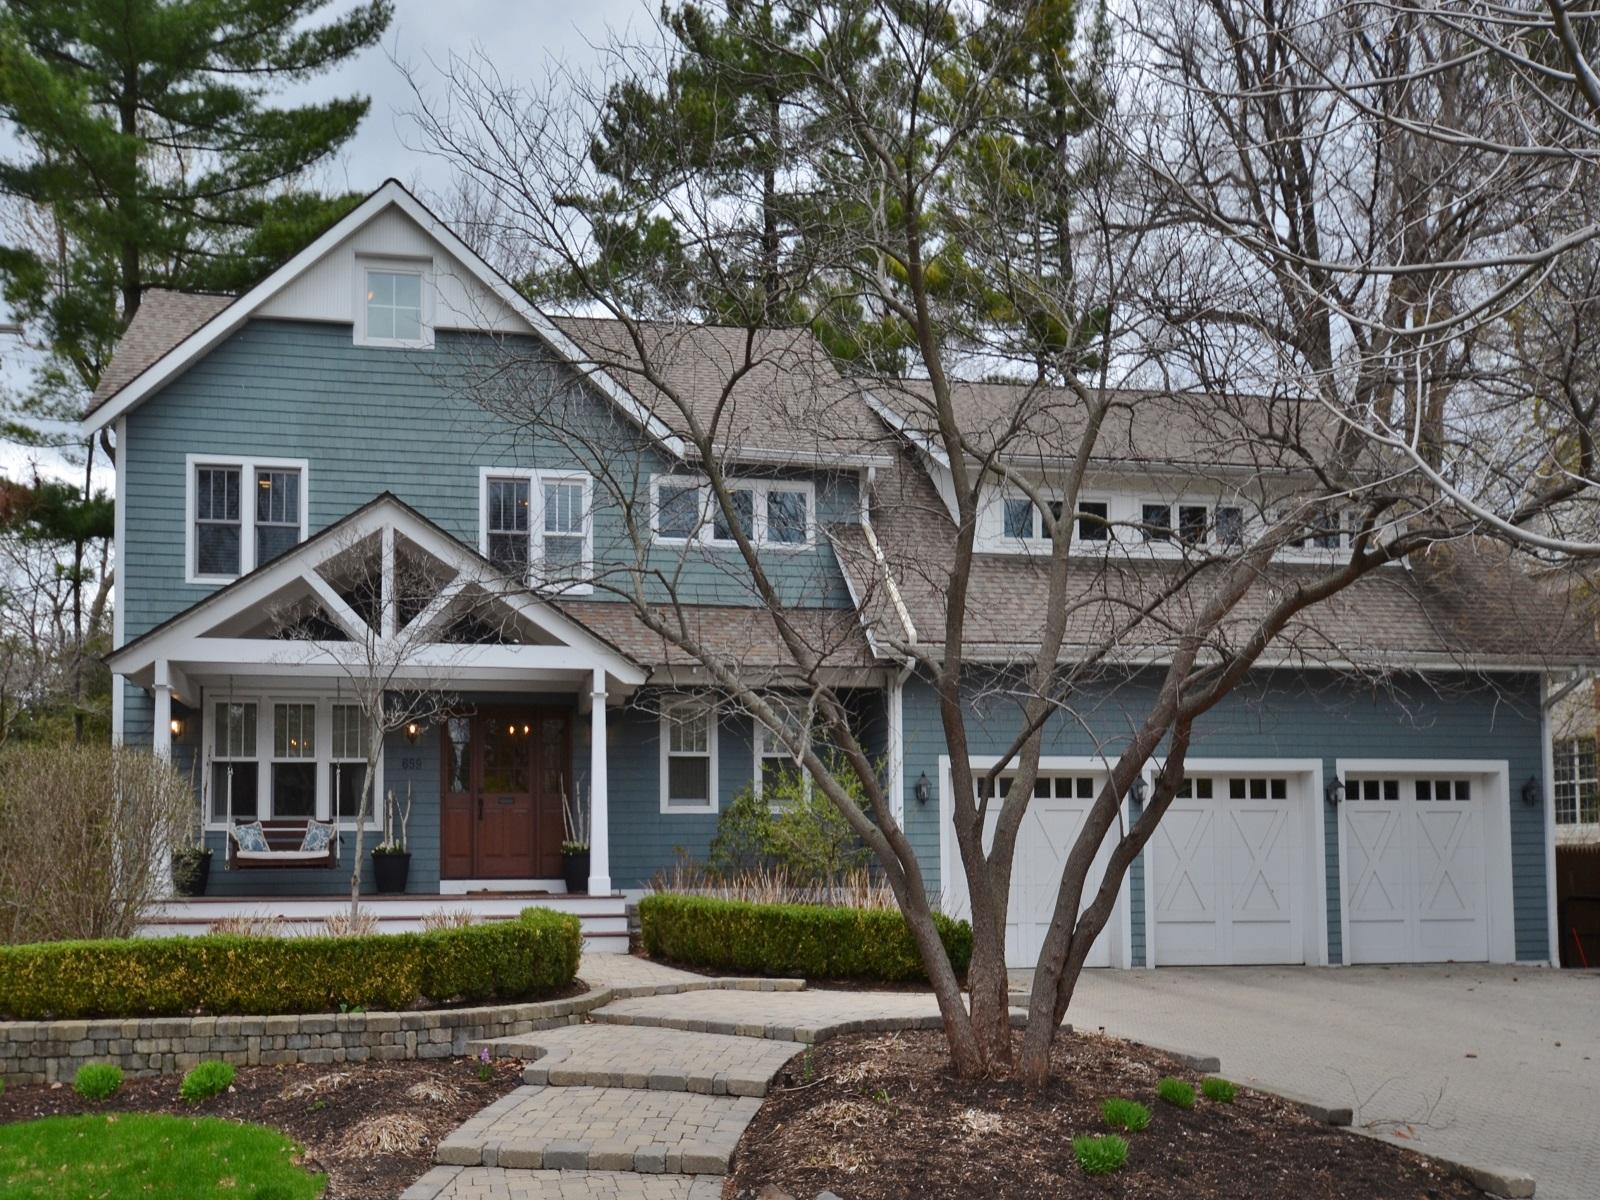 Maison unifamiliale pour l Vente à Birmingham 659 Chesterfield Avenue Birmingham, Michigan 48009 États-Unis